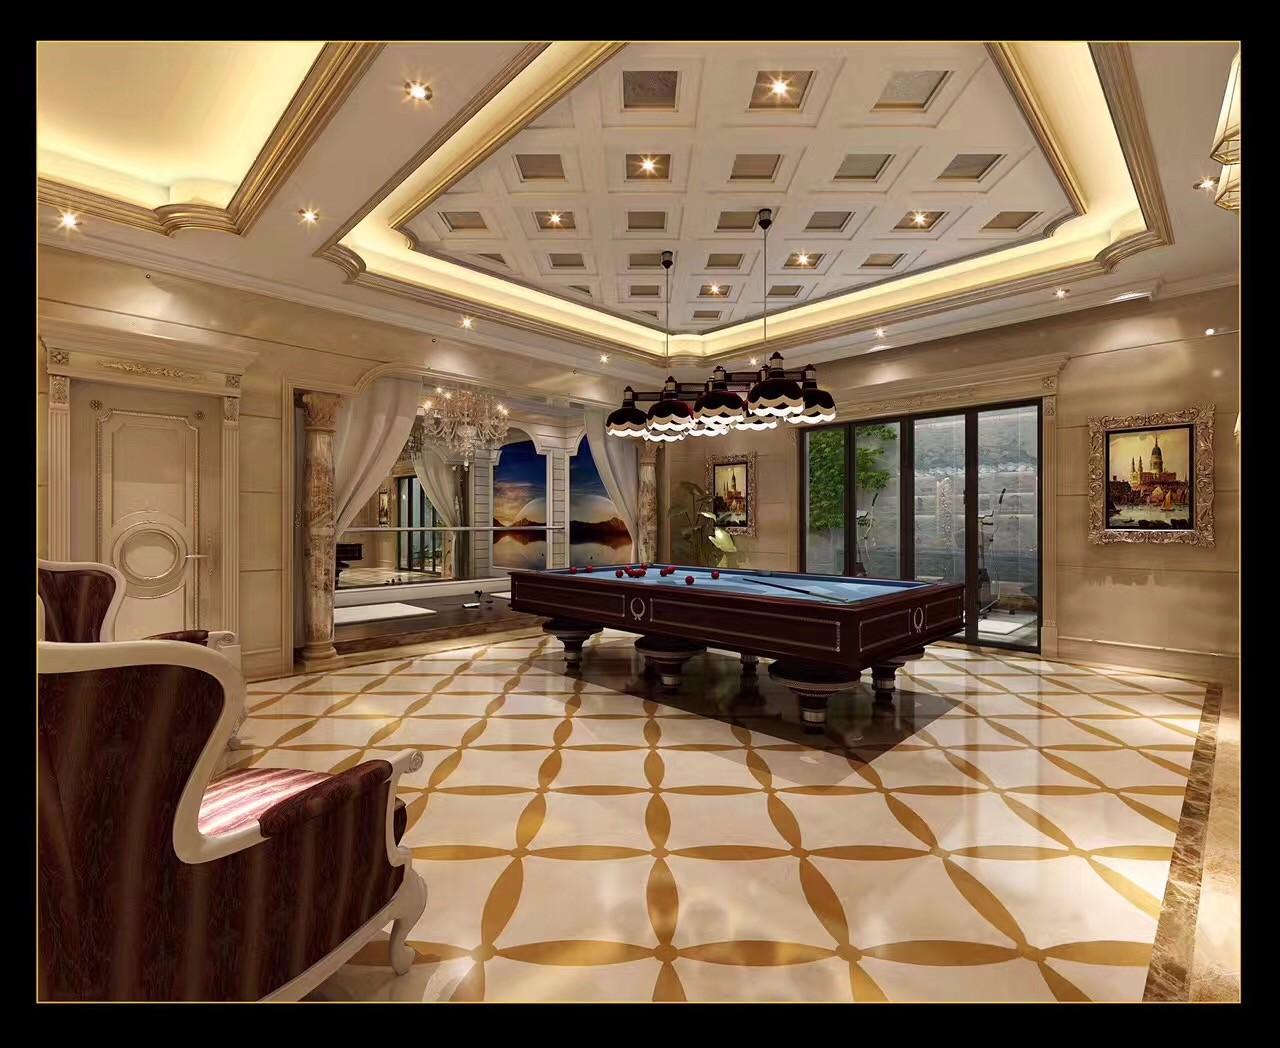 上海汤臣高尔夫别墅别墅融科湾期四橡树澜图片